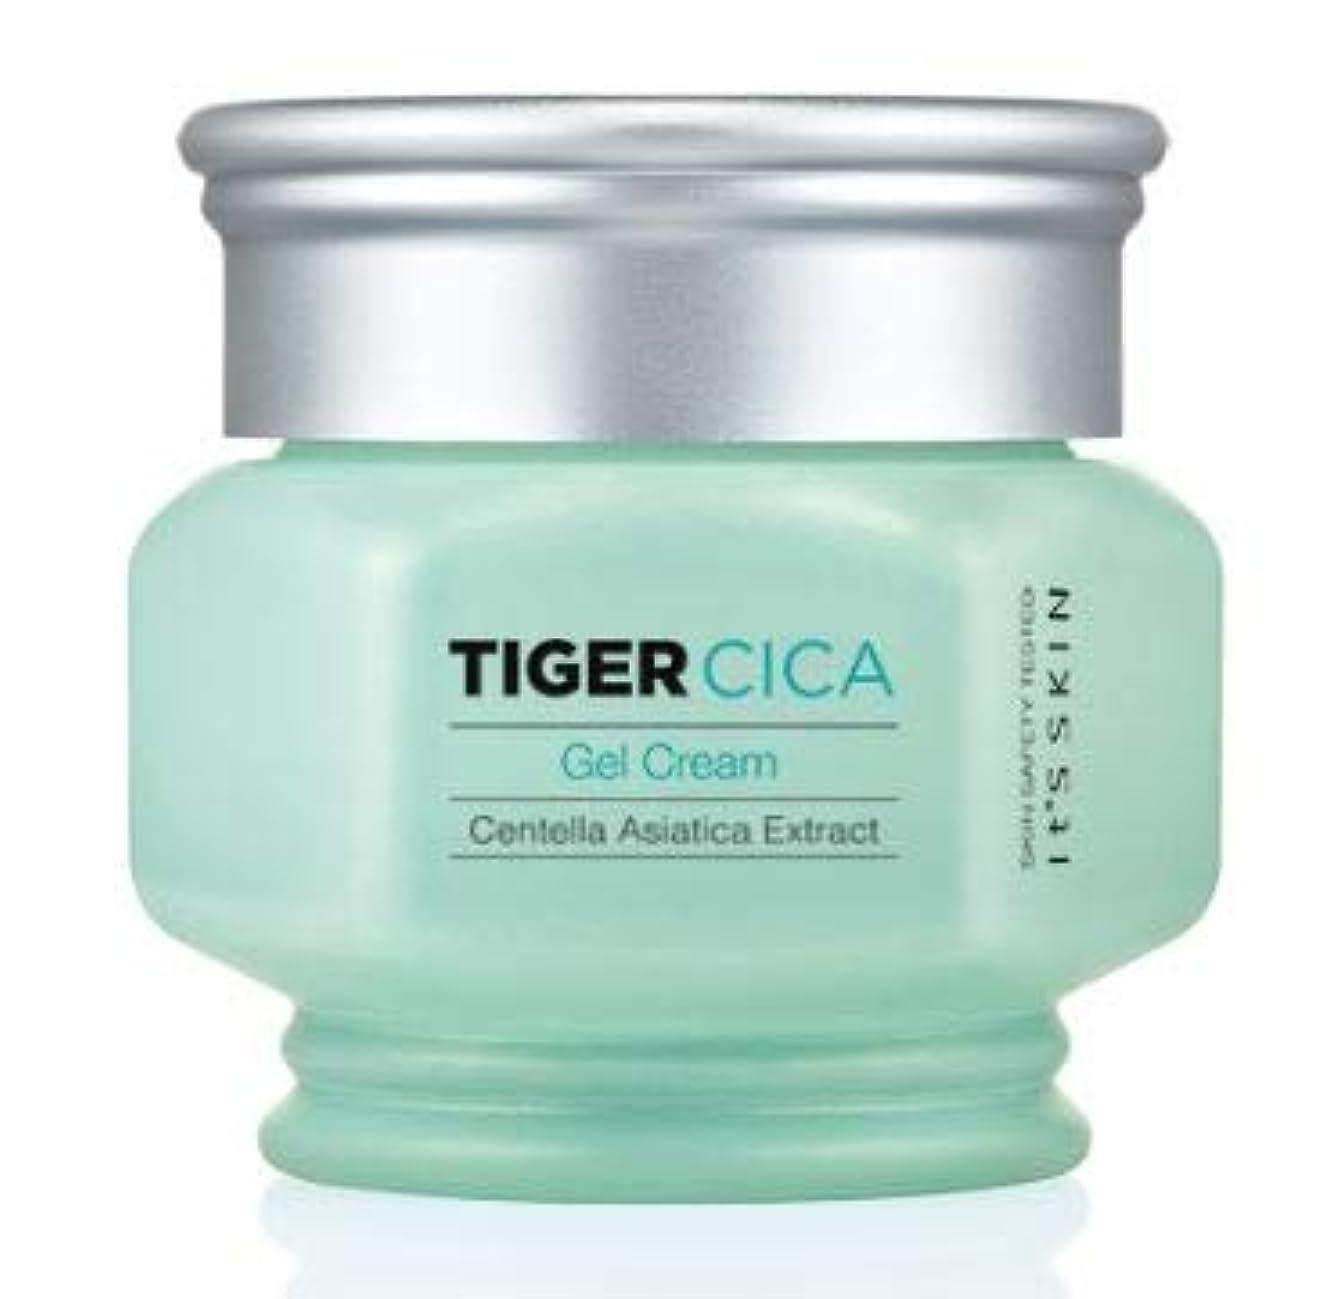 ベリ摘むミント[It's Skin] Tiger Cica Gel Cream /[イッツスキン] タイガーシカ ジェル クリーム [並行輸入品]